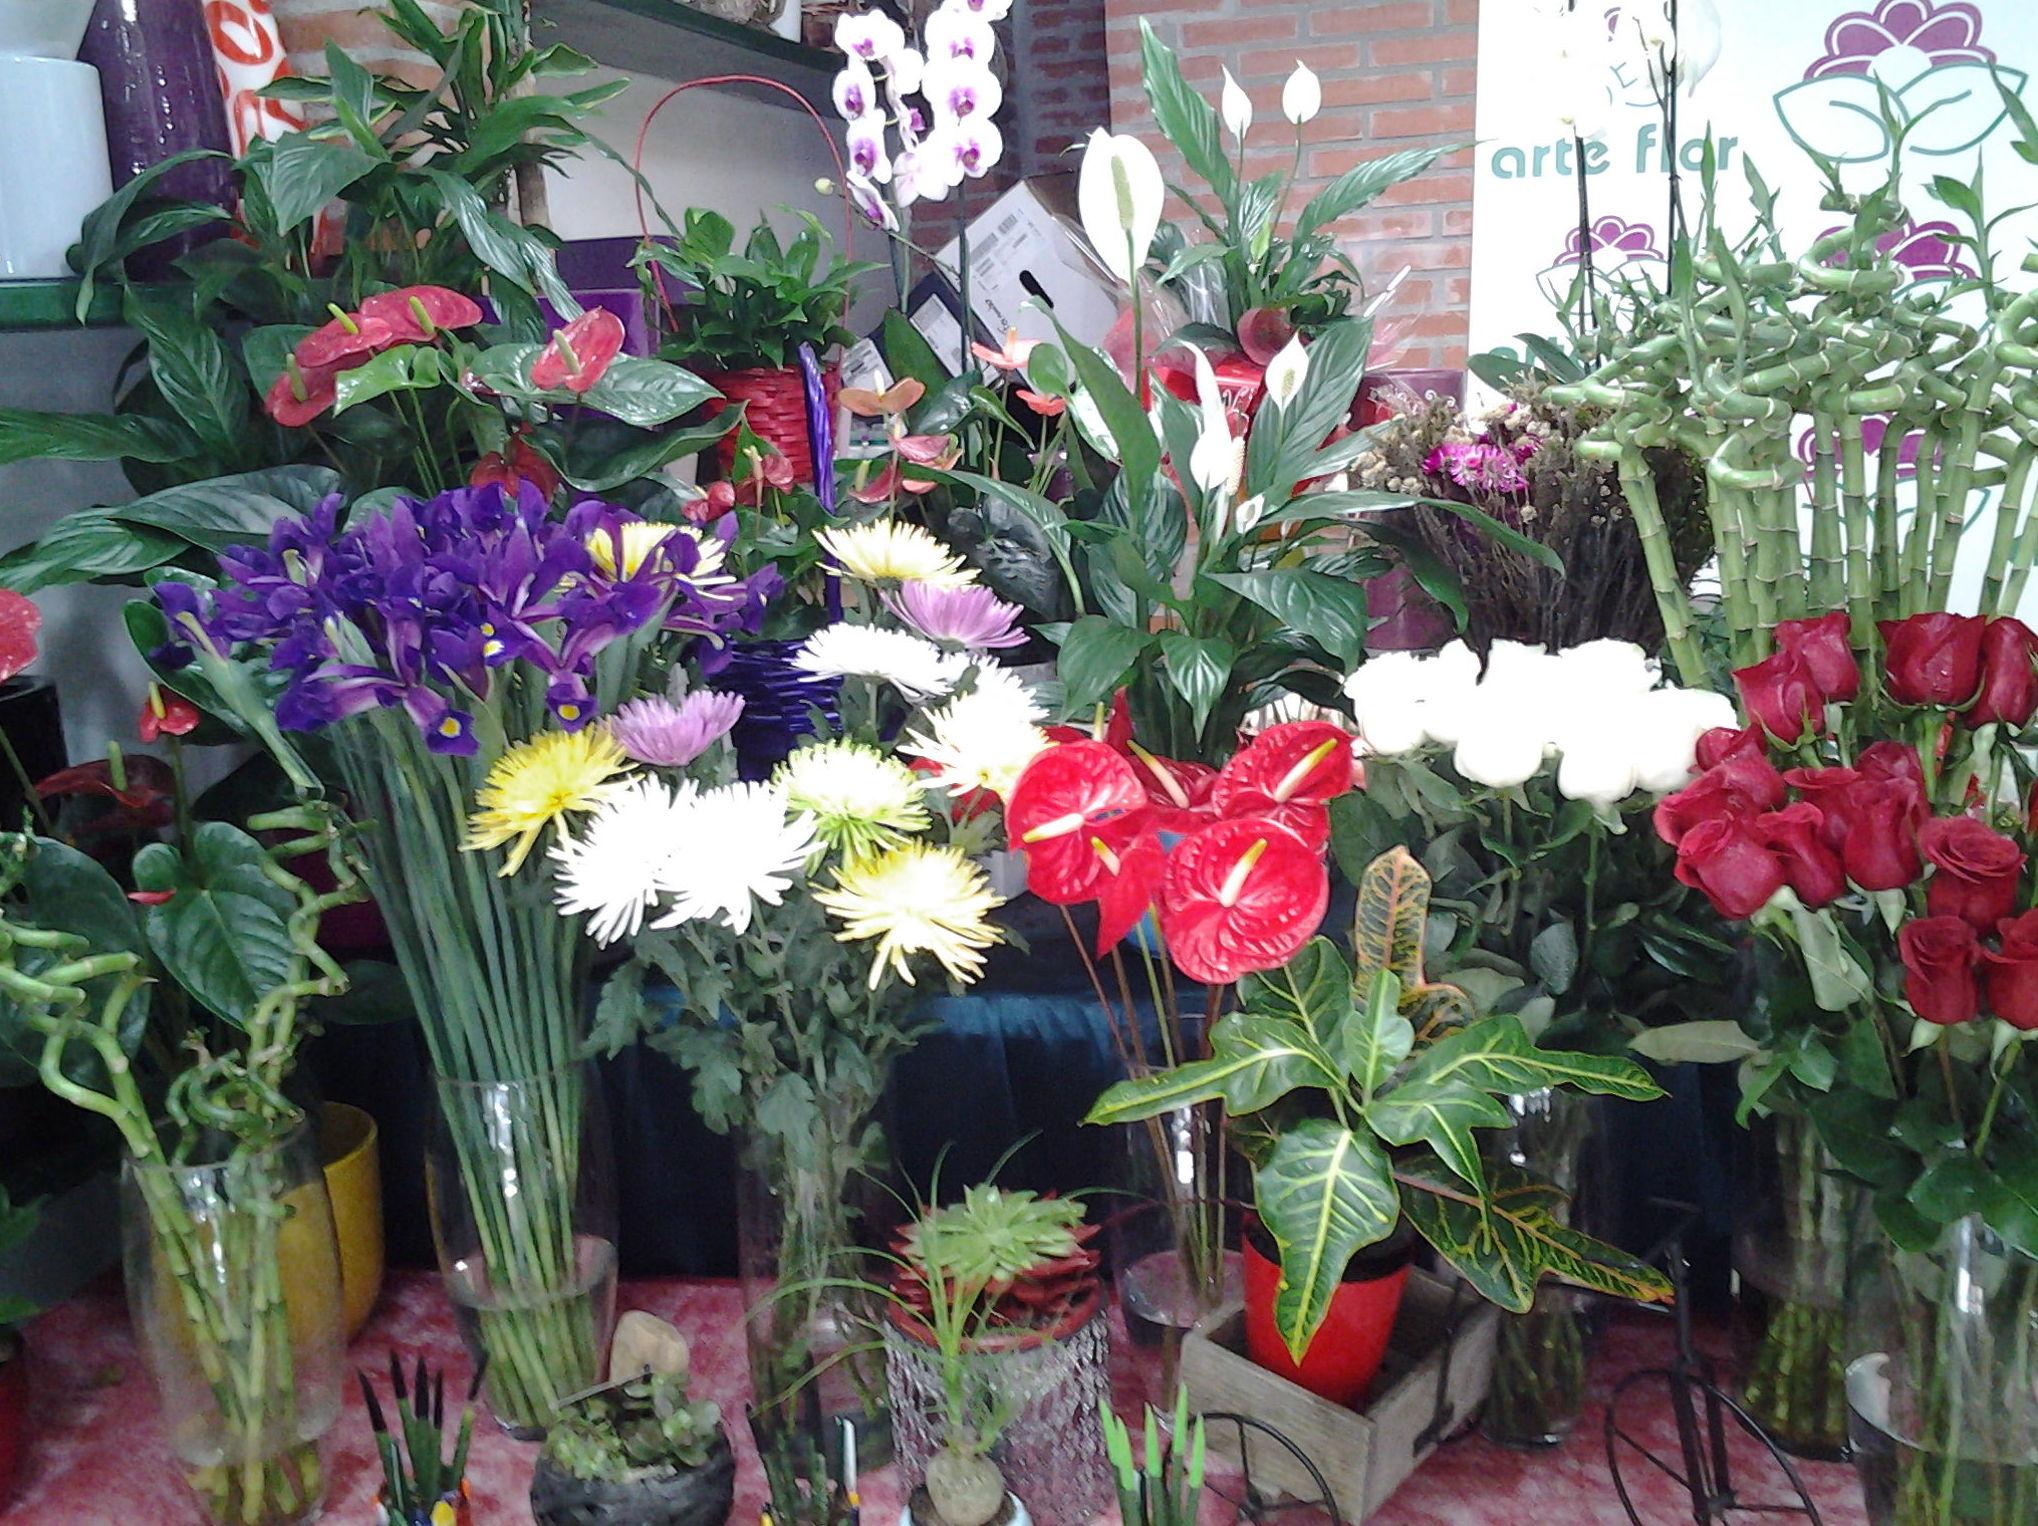 Foto 2 de Floristerías en Pravia | Arte Flor